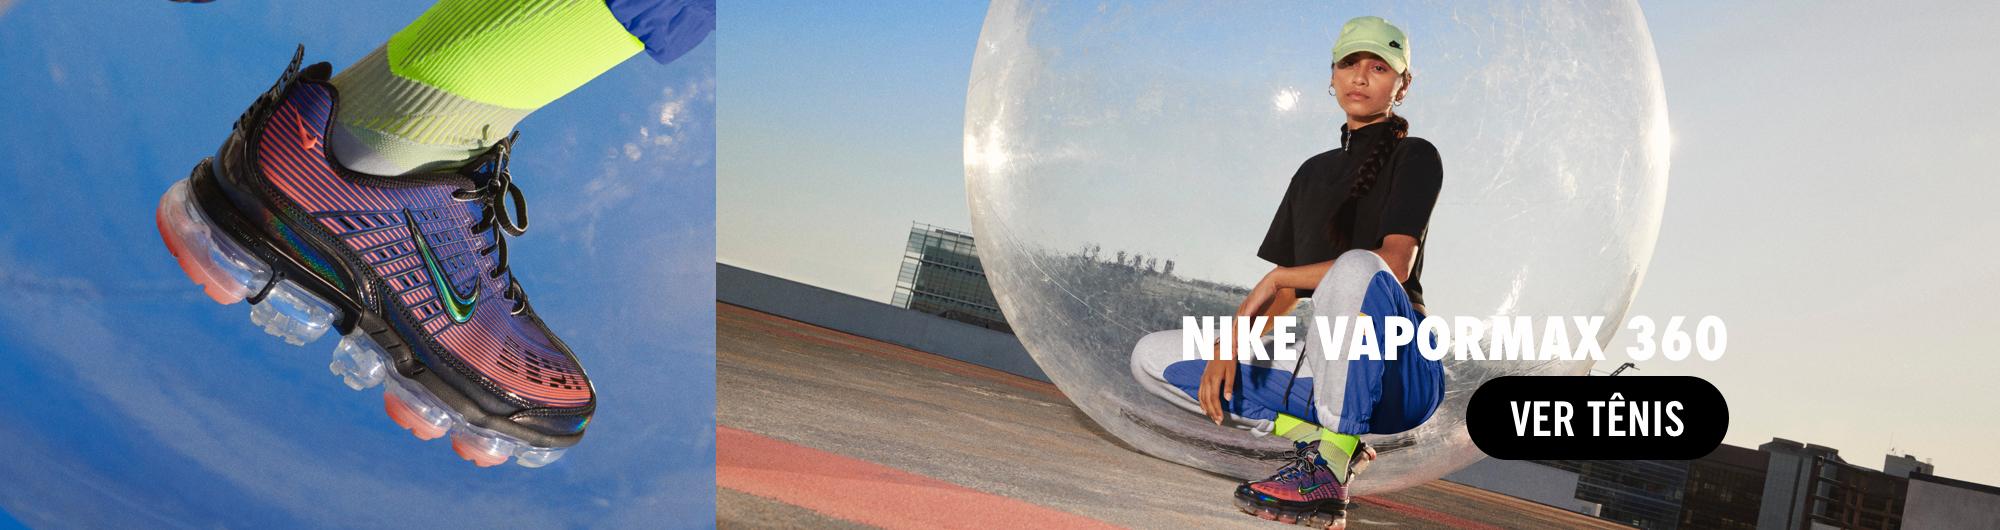 Nike Vapormax 320